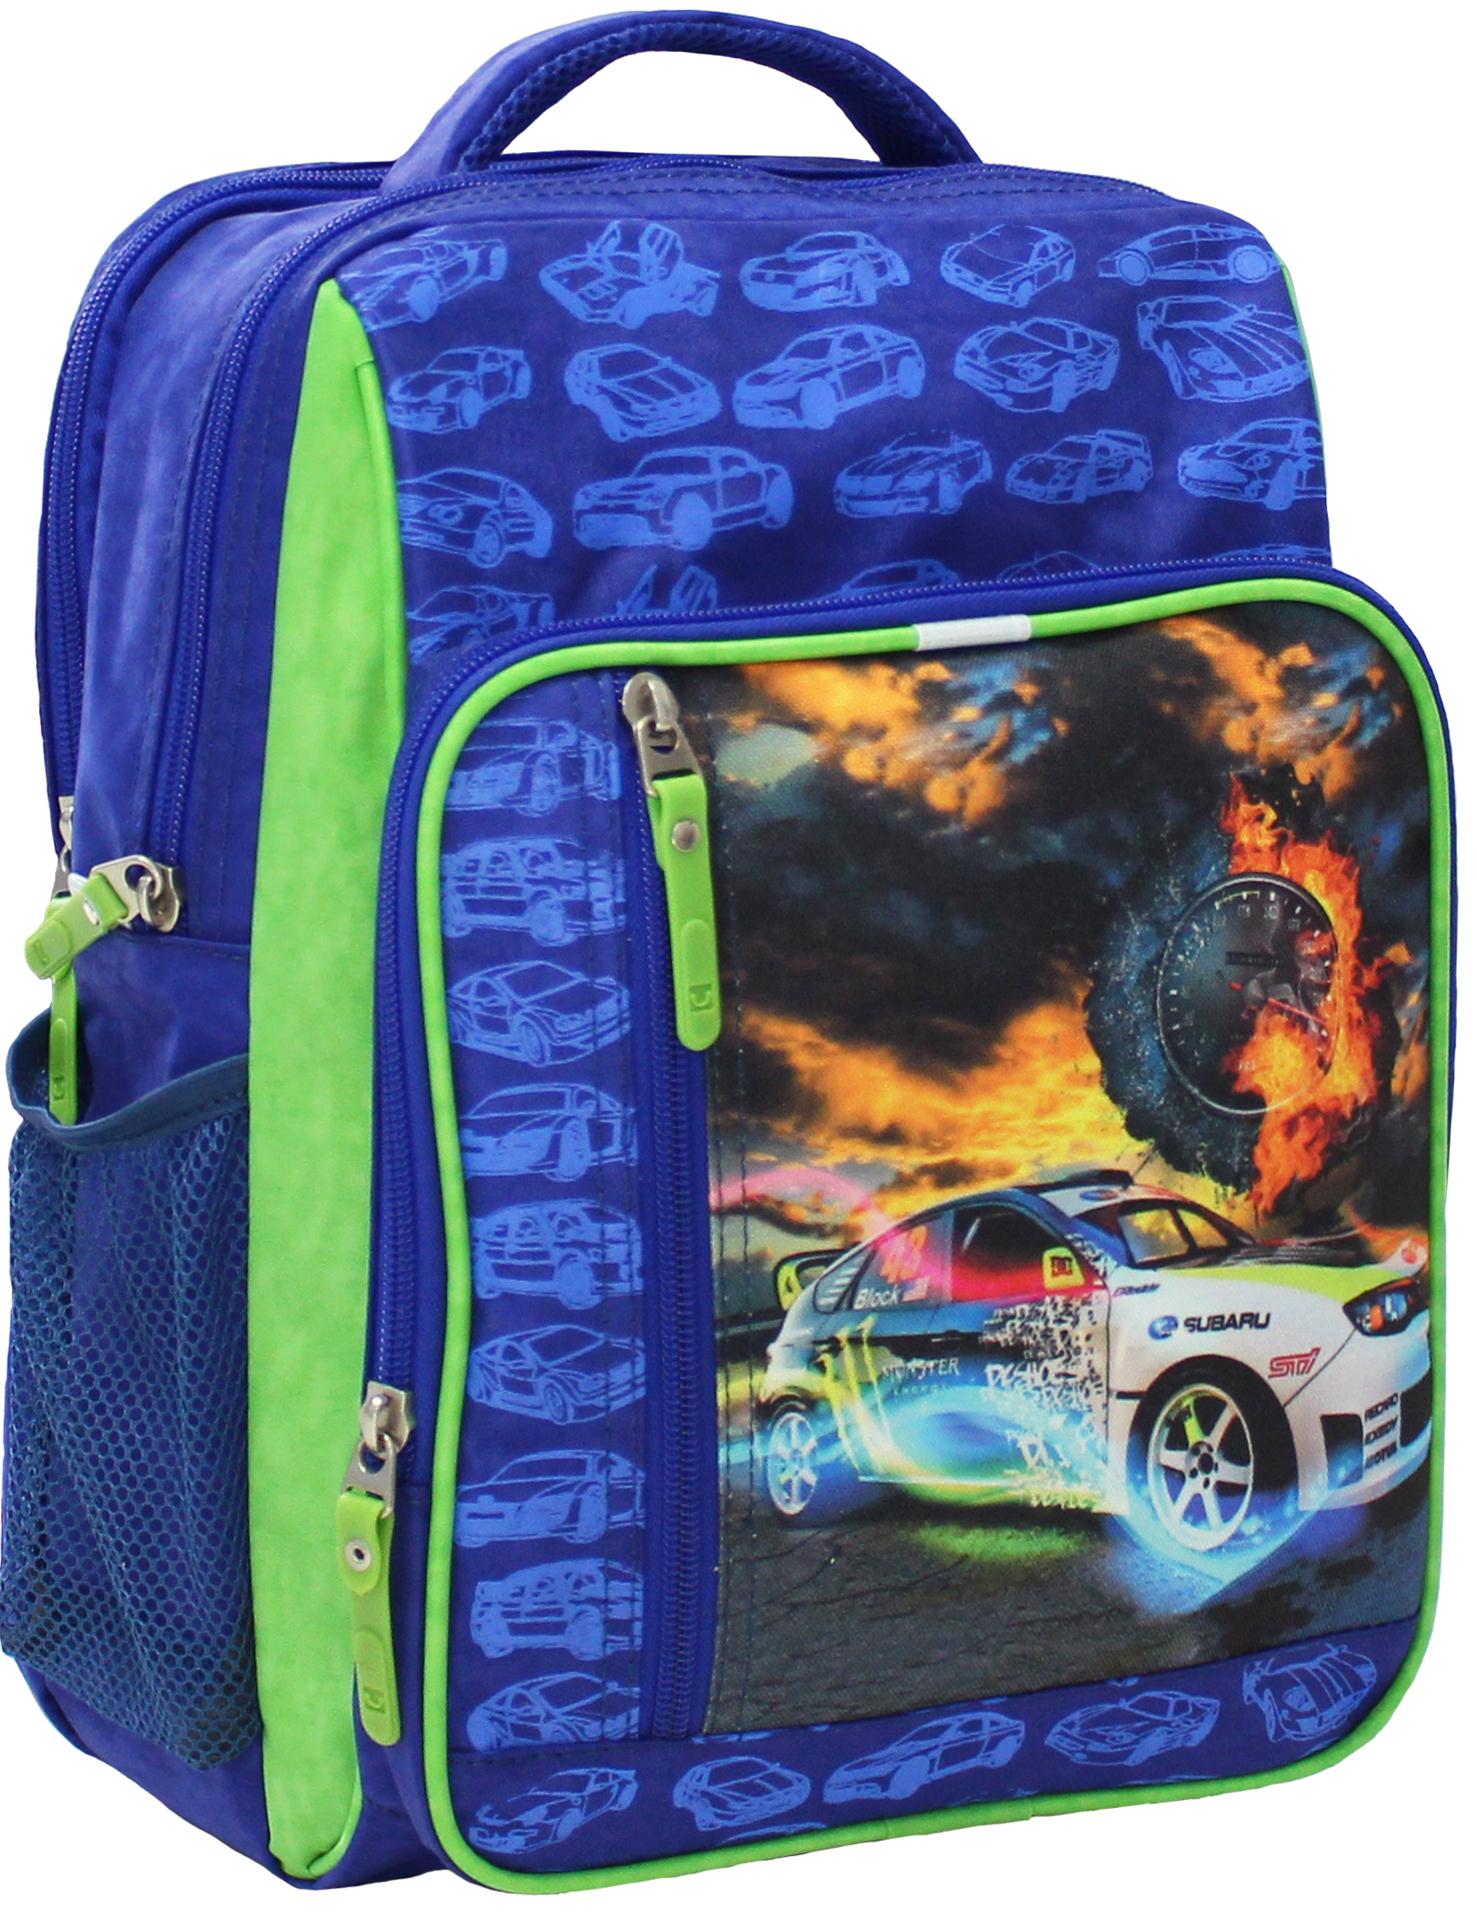 Школьные рюкзаки Рюкзак школьный Bagland Школьник 8 л. 223 єлектрик 18 м (00112702) IMG_5099.JPG